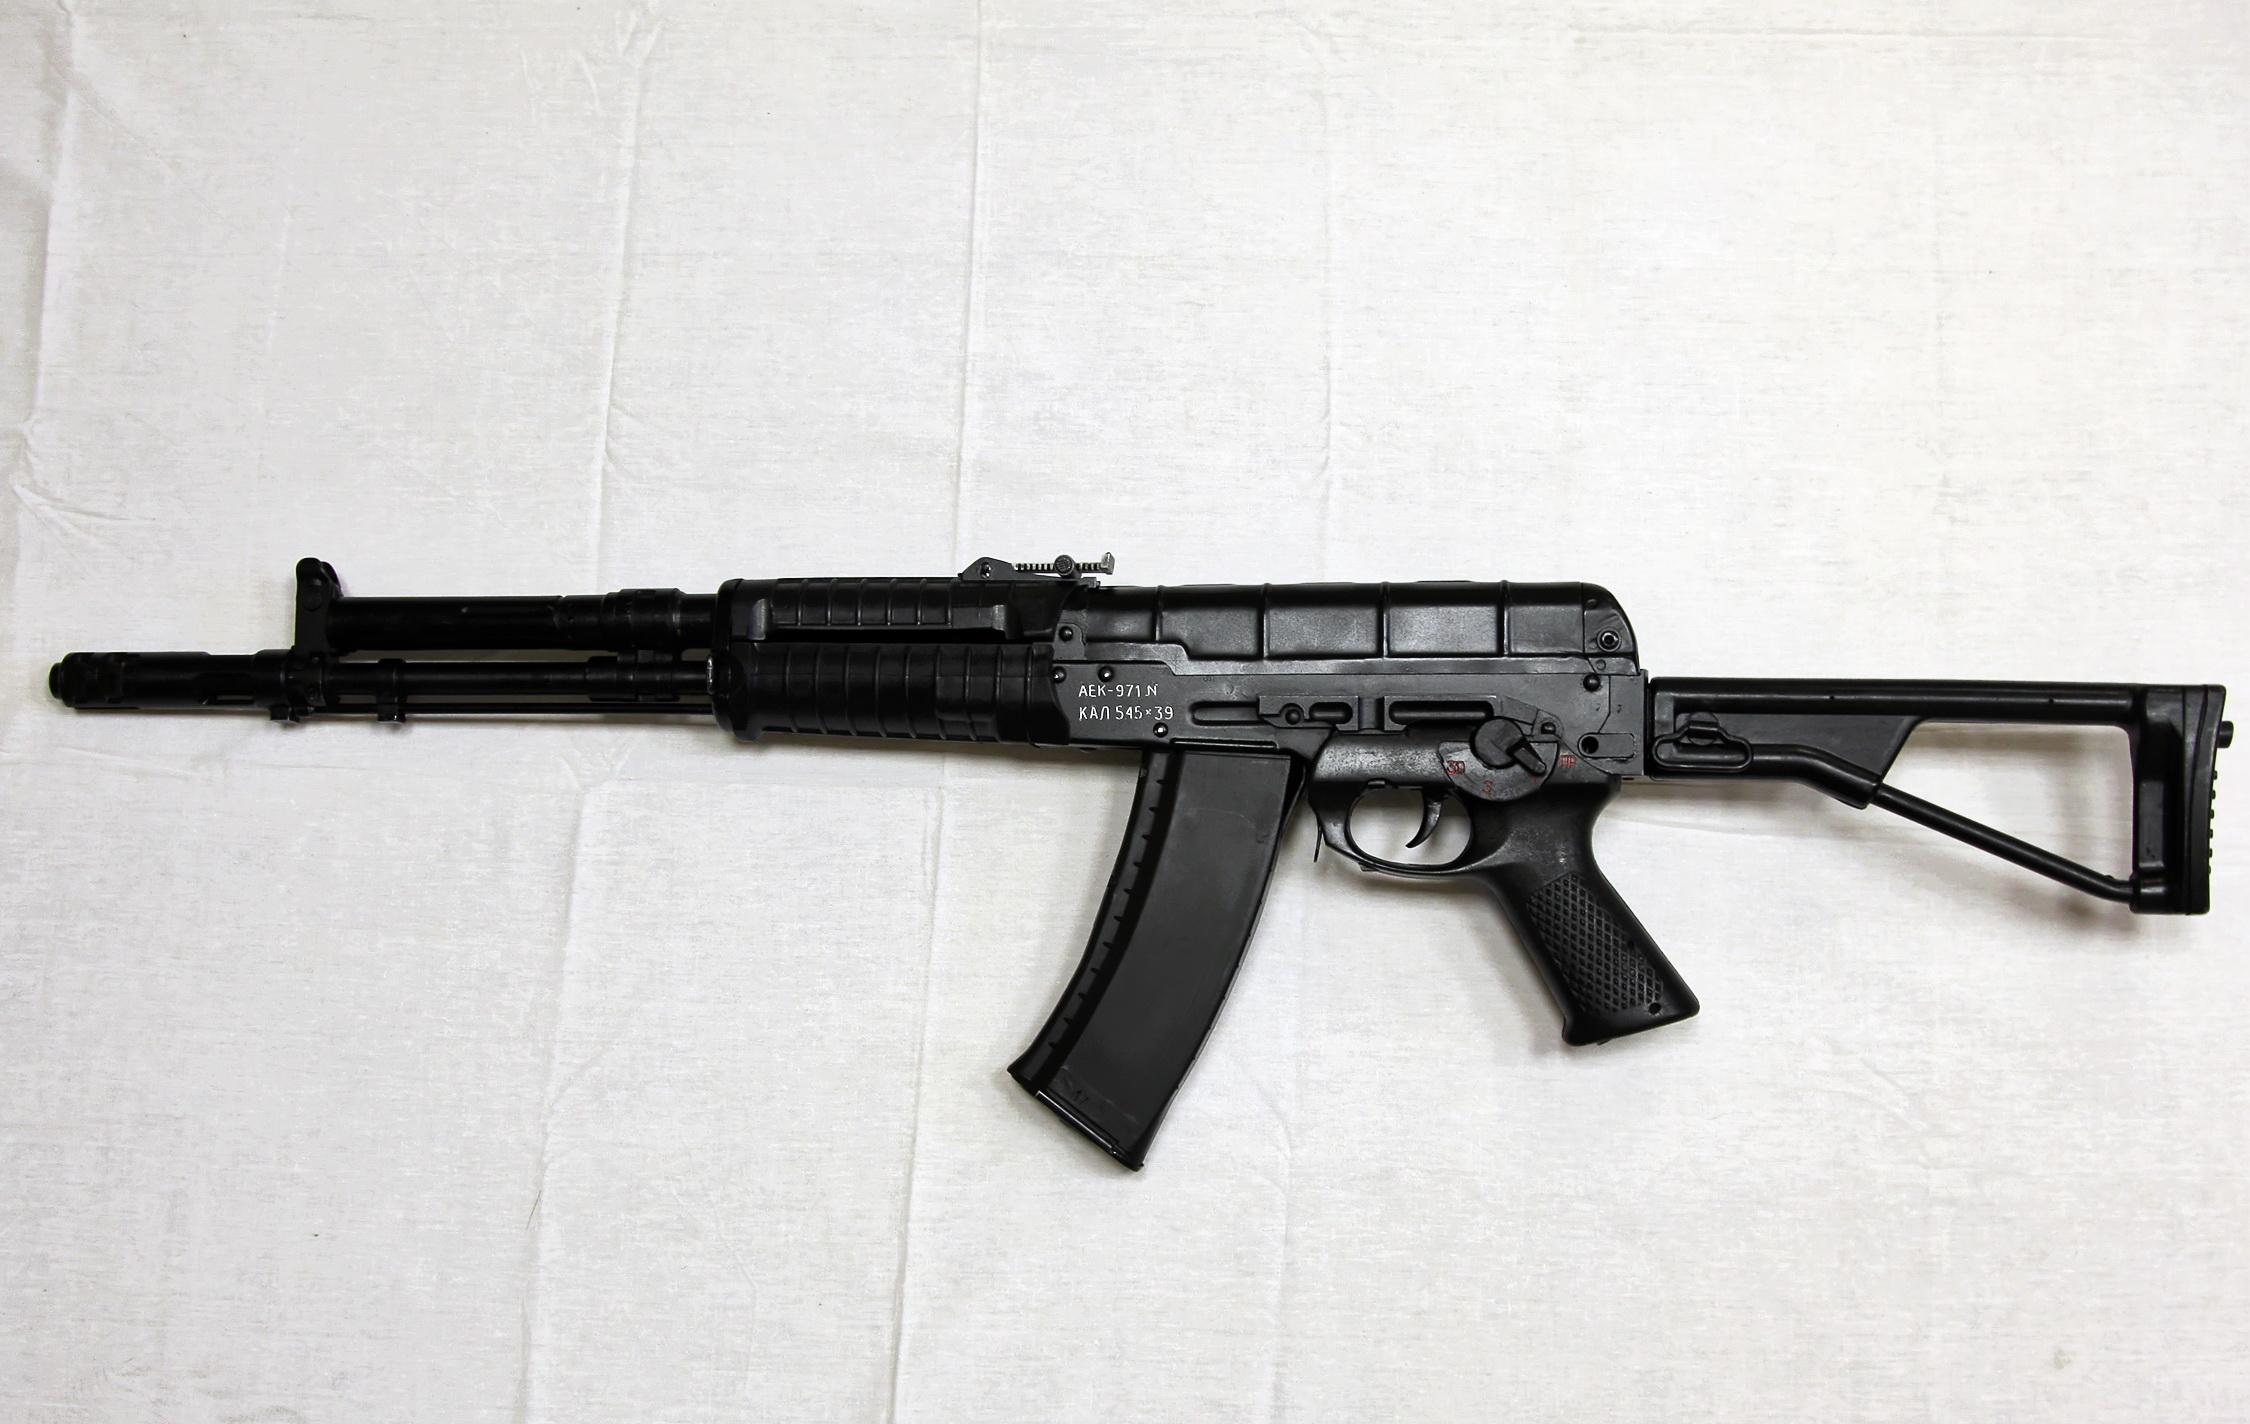 AEK-97110